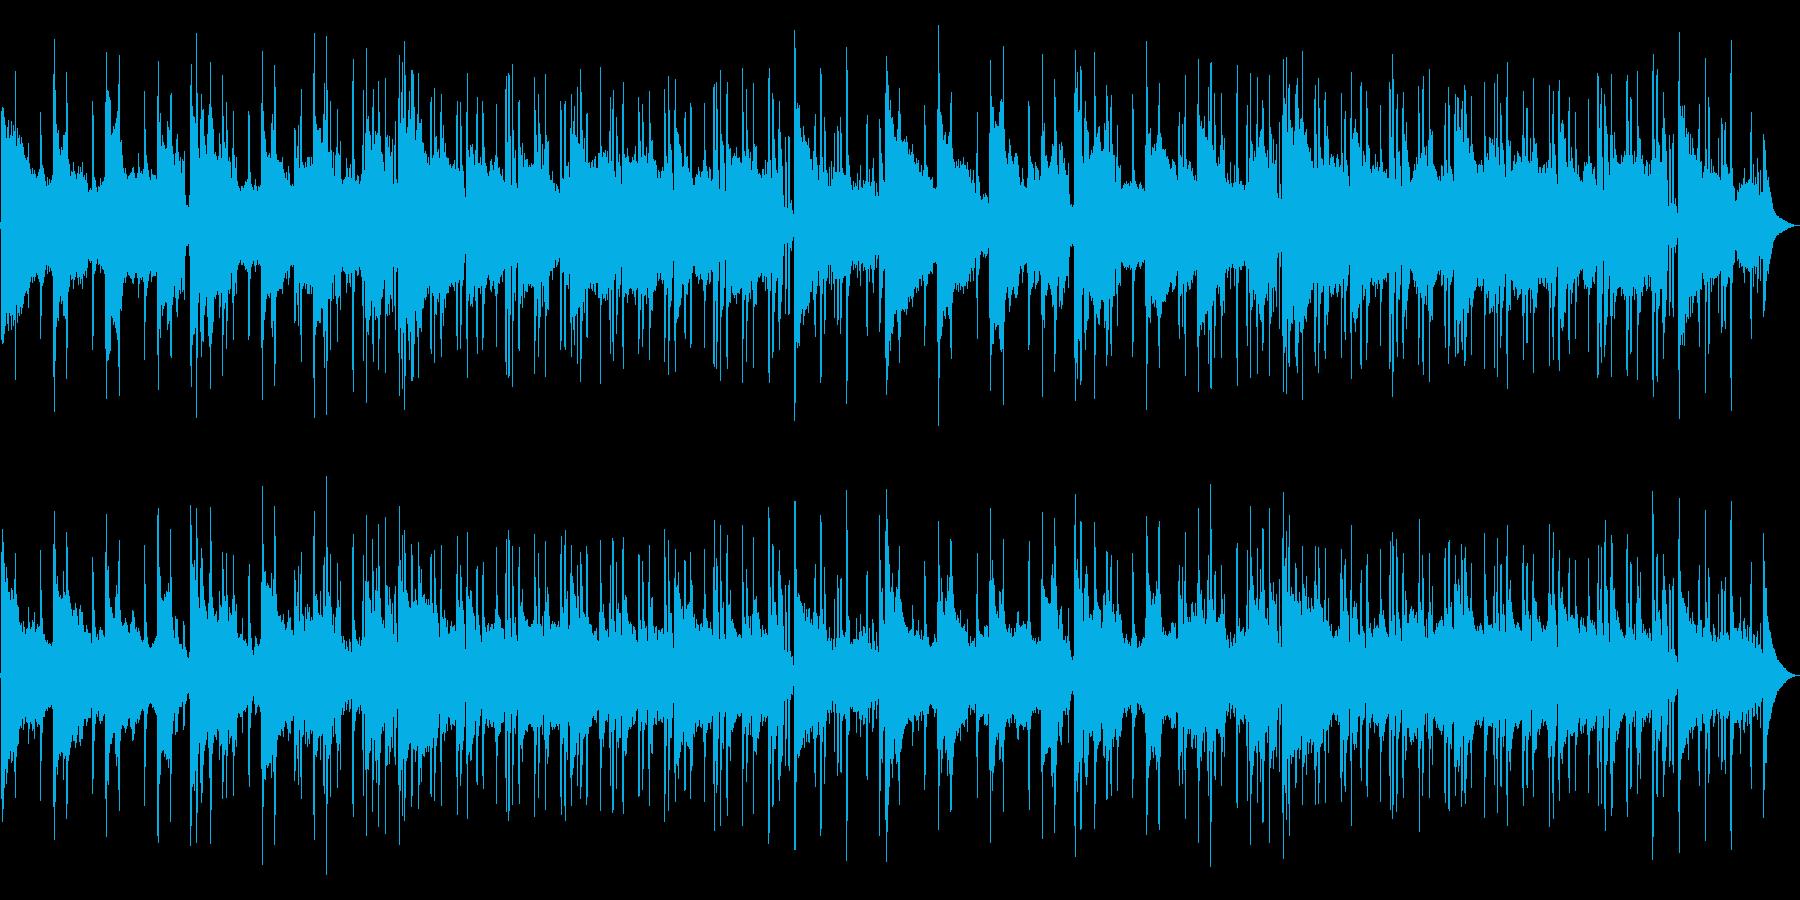 シリアスになっていく小粋なアシッドジャズの再生済みの波形